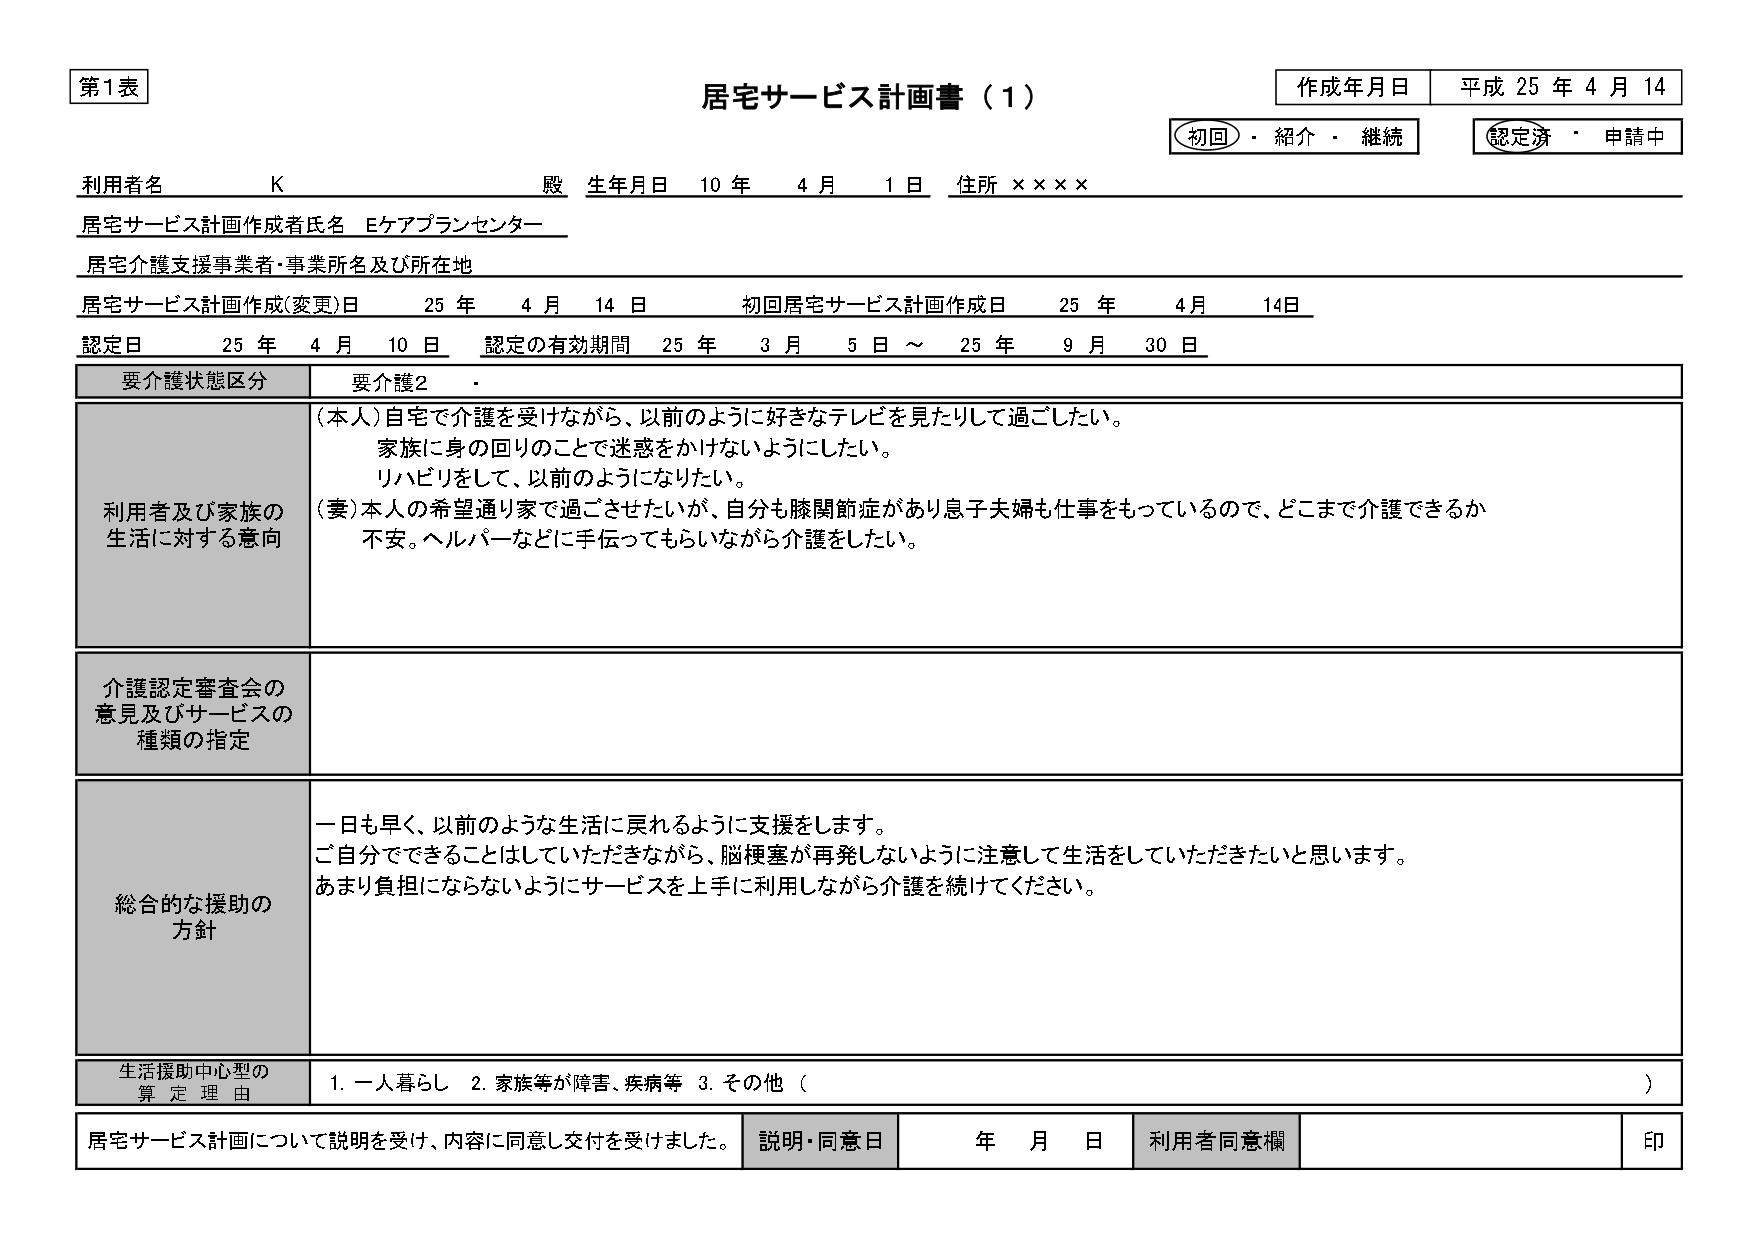 居宅サービス計画書の雛形(1)